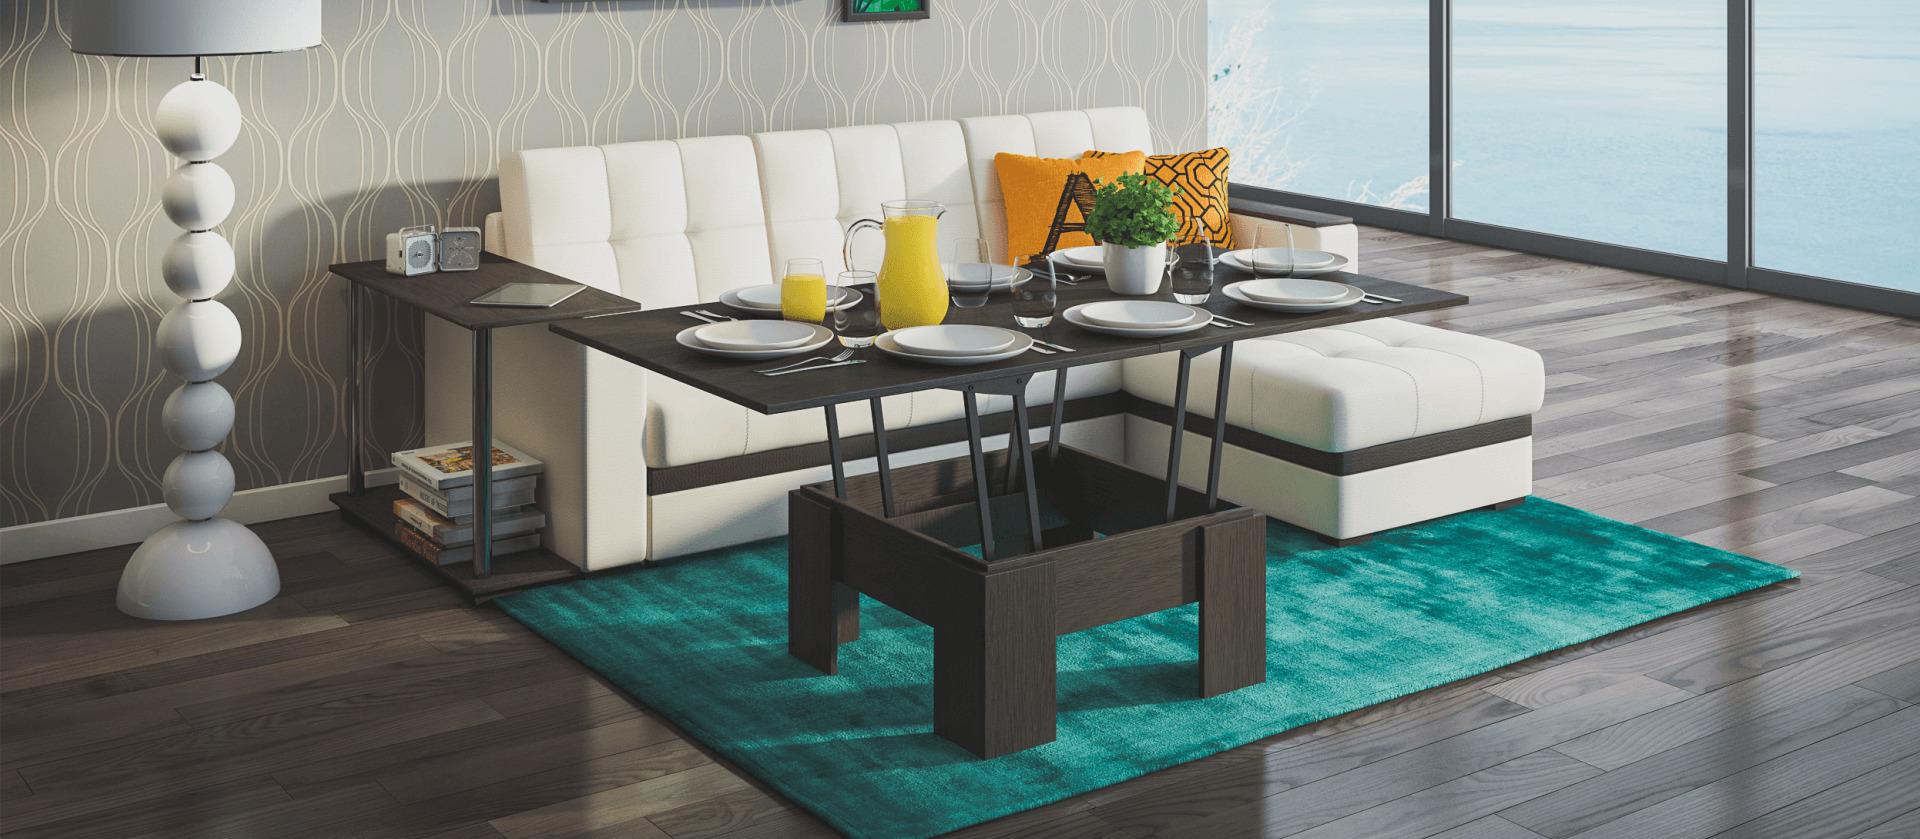 стол трансформер в гостиной фото дизайн